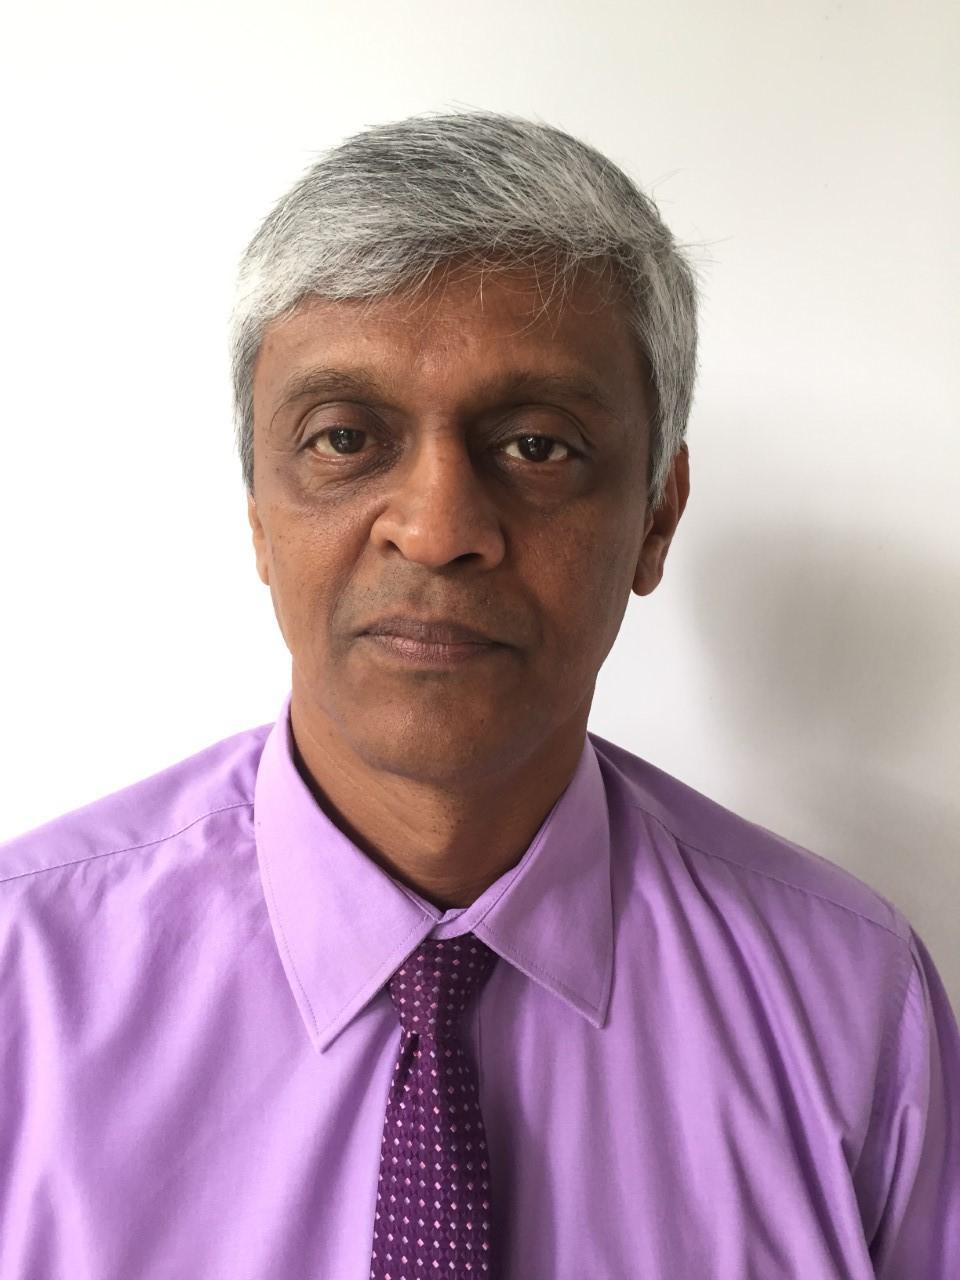 אסוקה אביגונוורדנה, יועץ בחברת קרגילס ציילון, צילום: Anuradha Dullewe Wijeyeratne